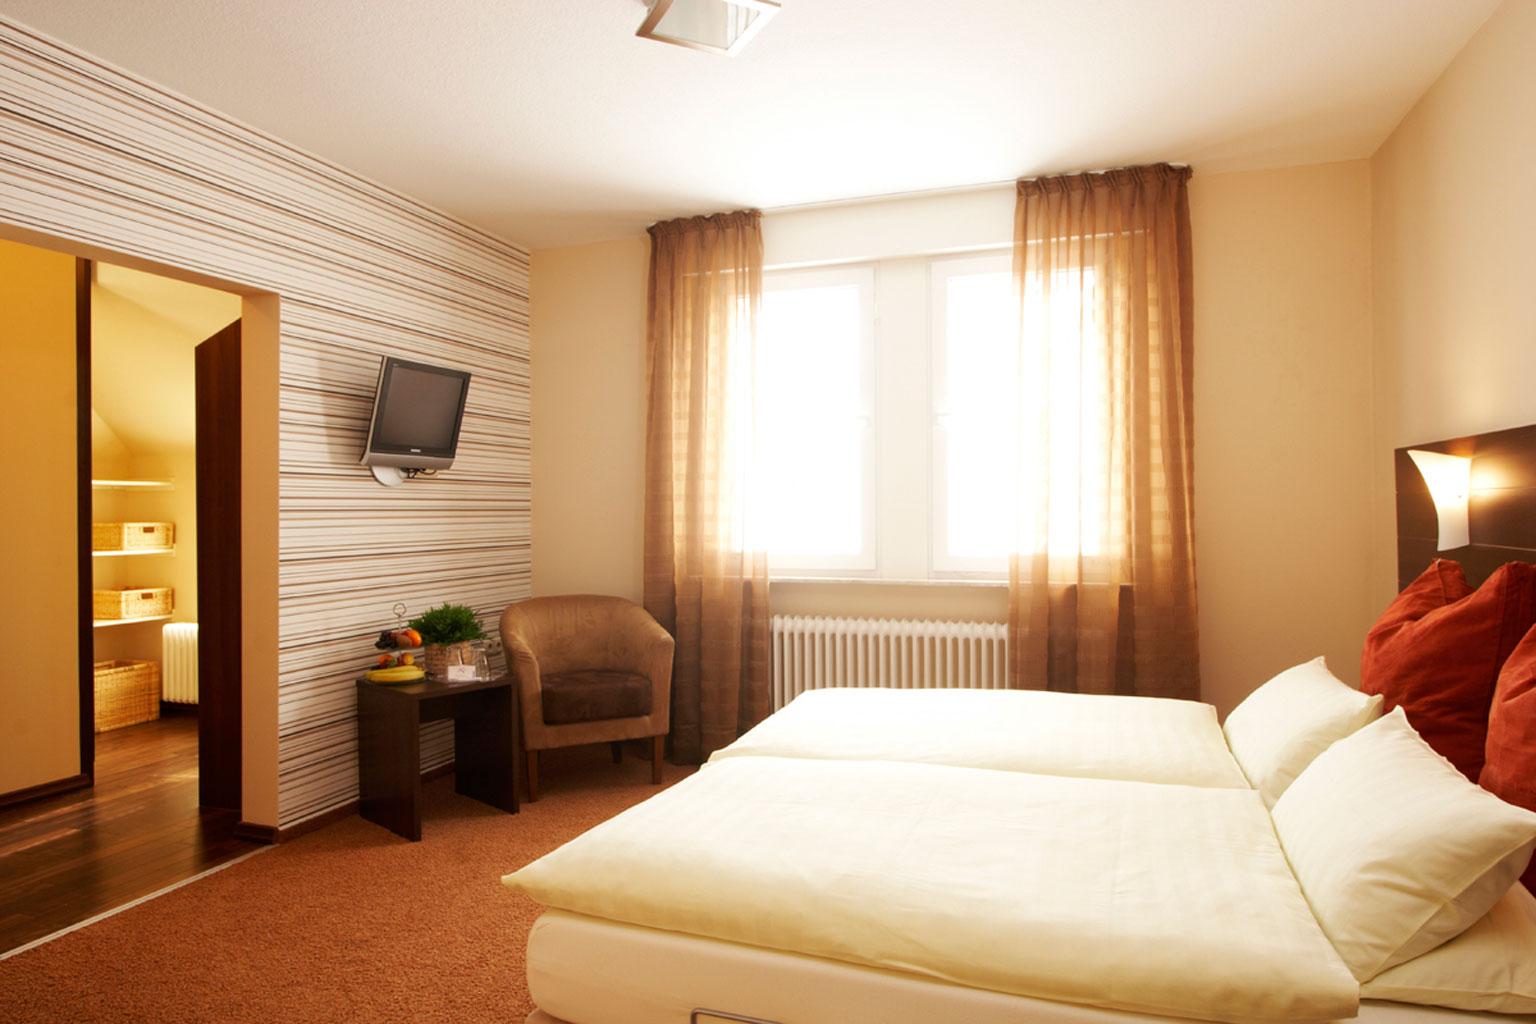 Komfortable zimmer hotel am rheinsteig for Zimmer hotel